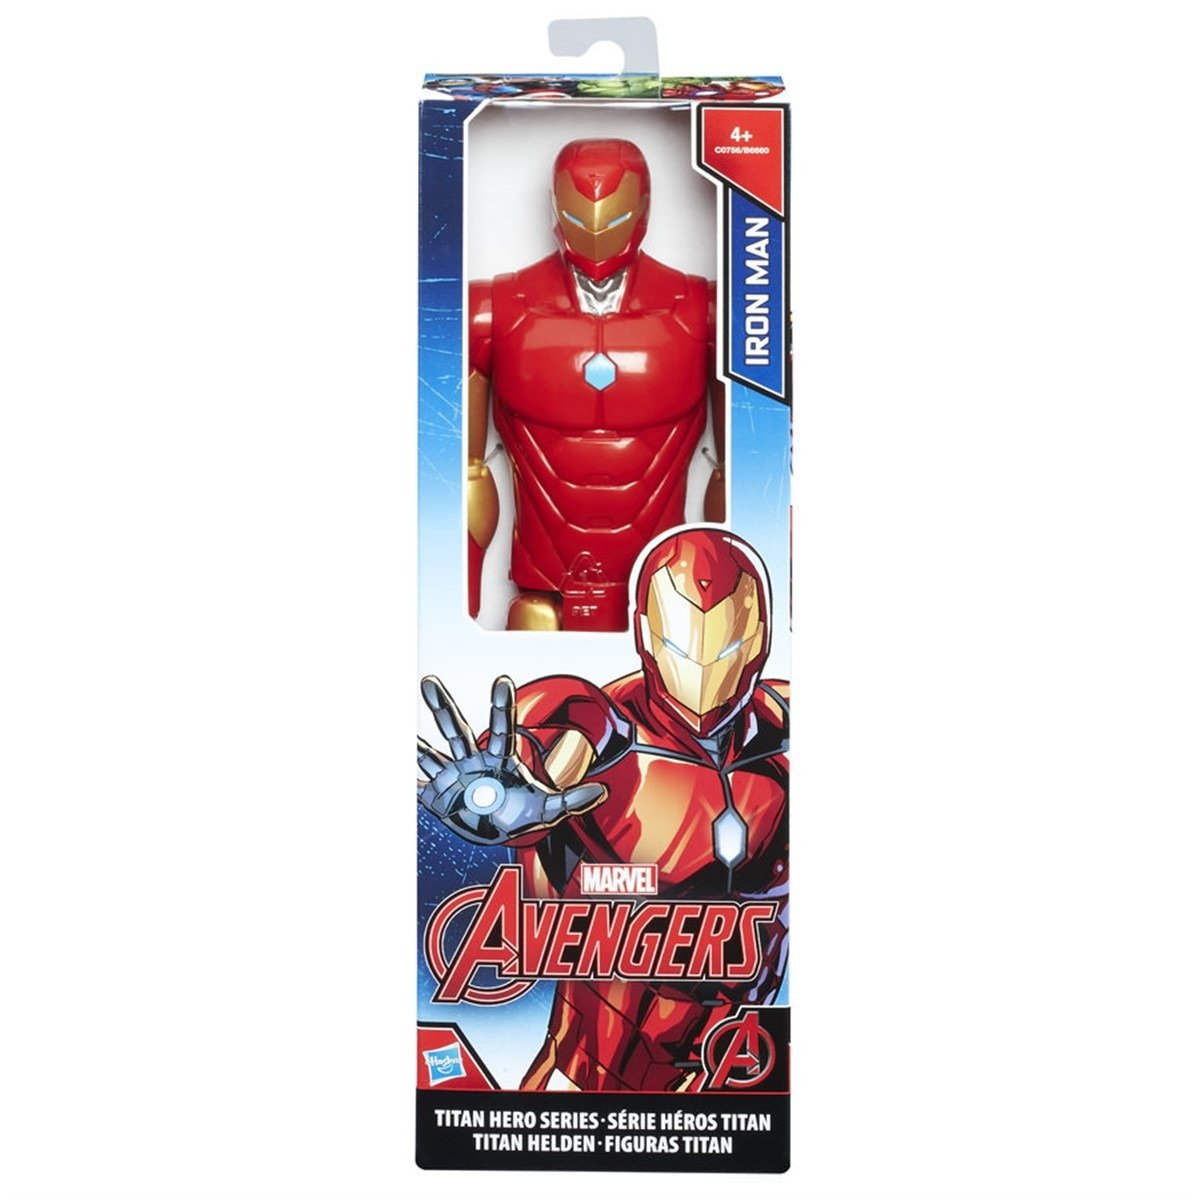 Boneco Avengers Titan Homem de Ferro Hasbro